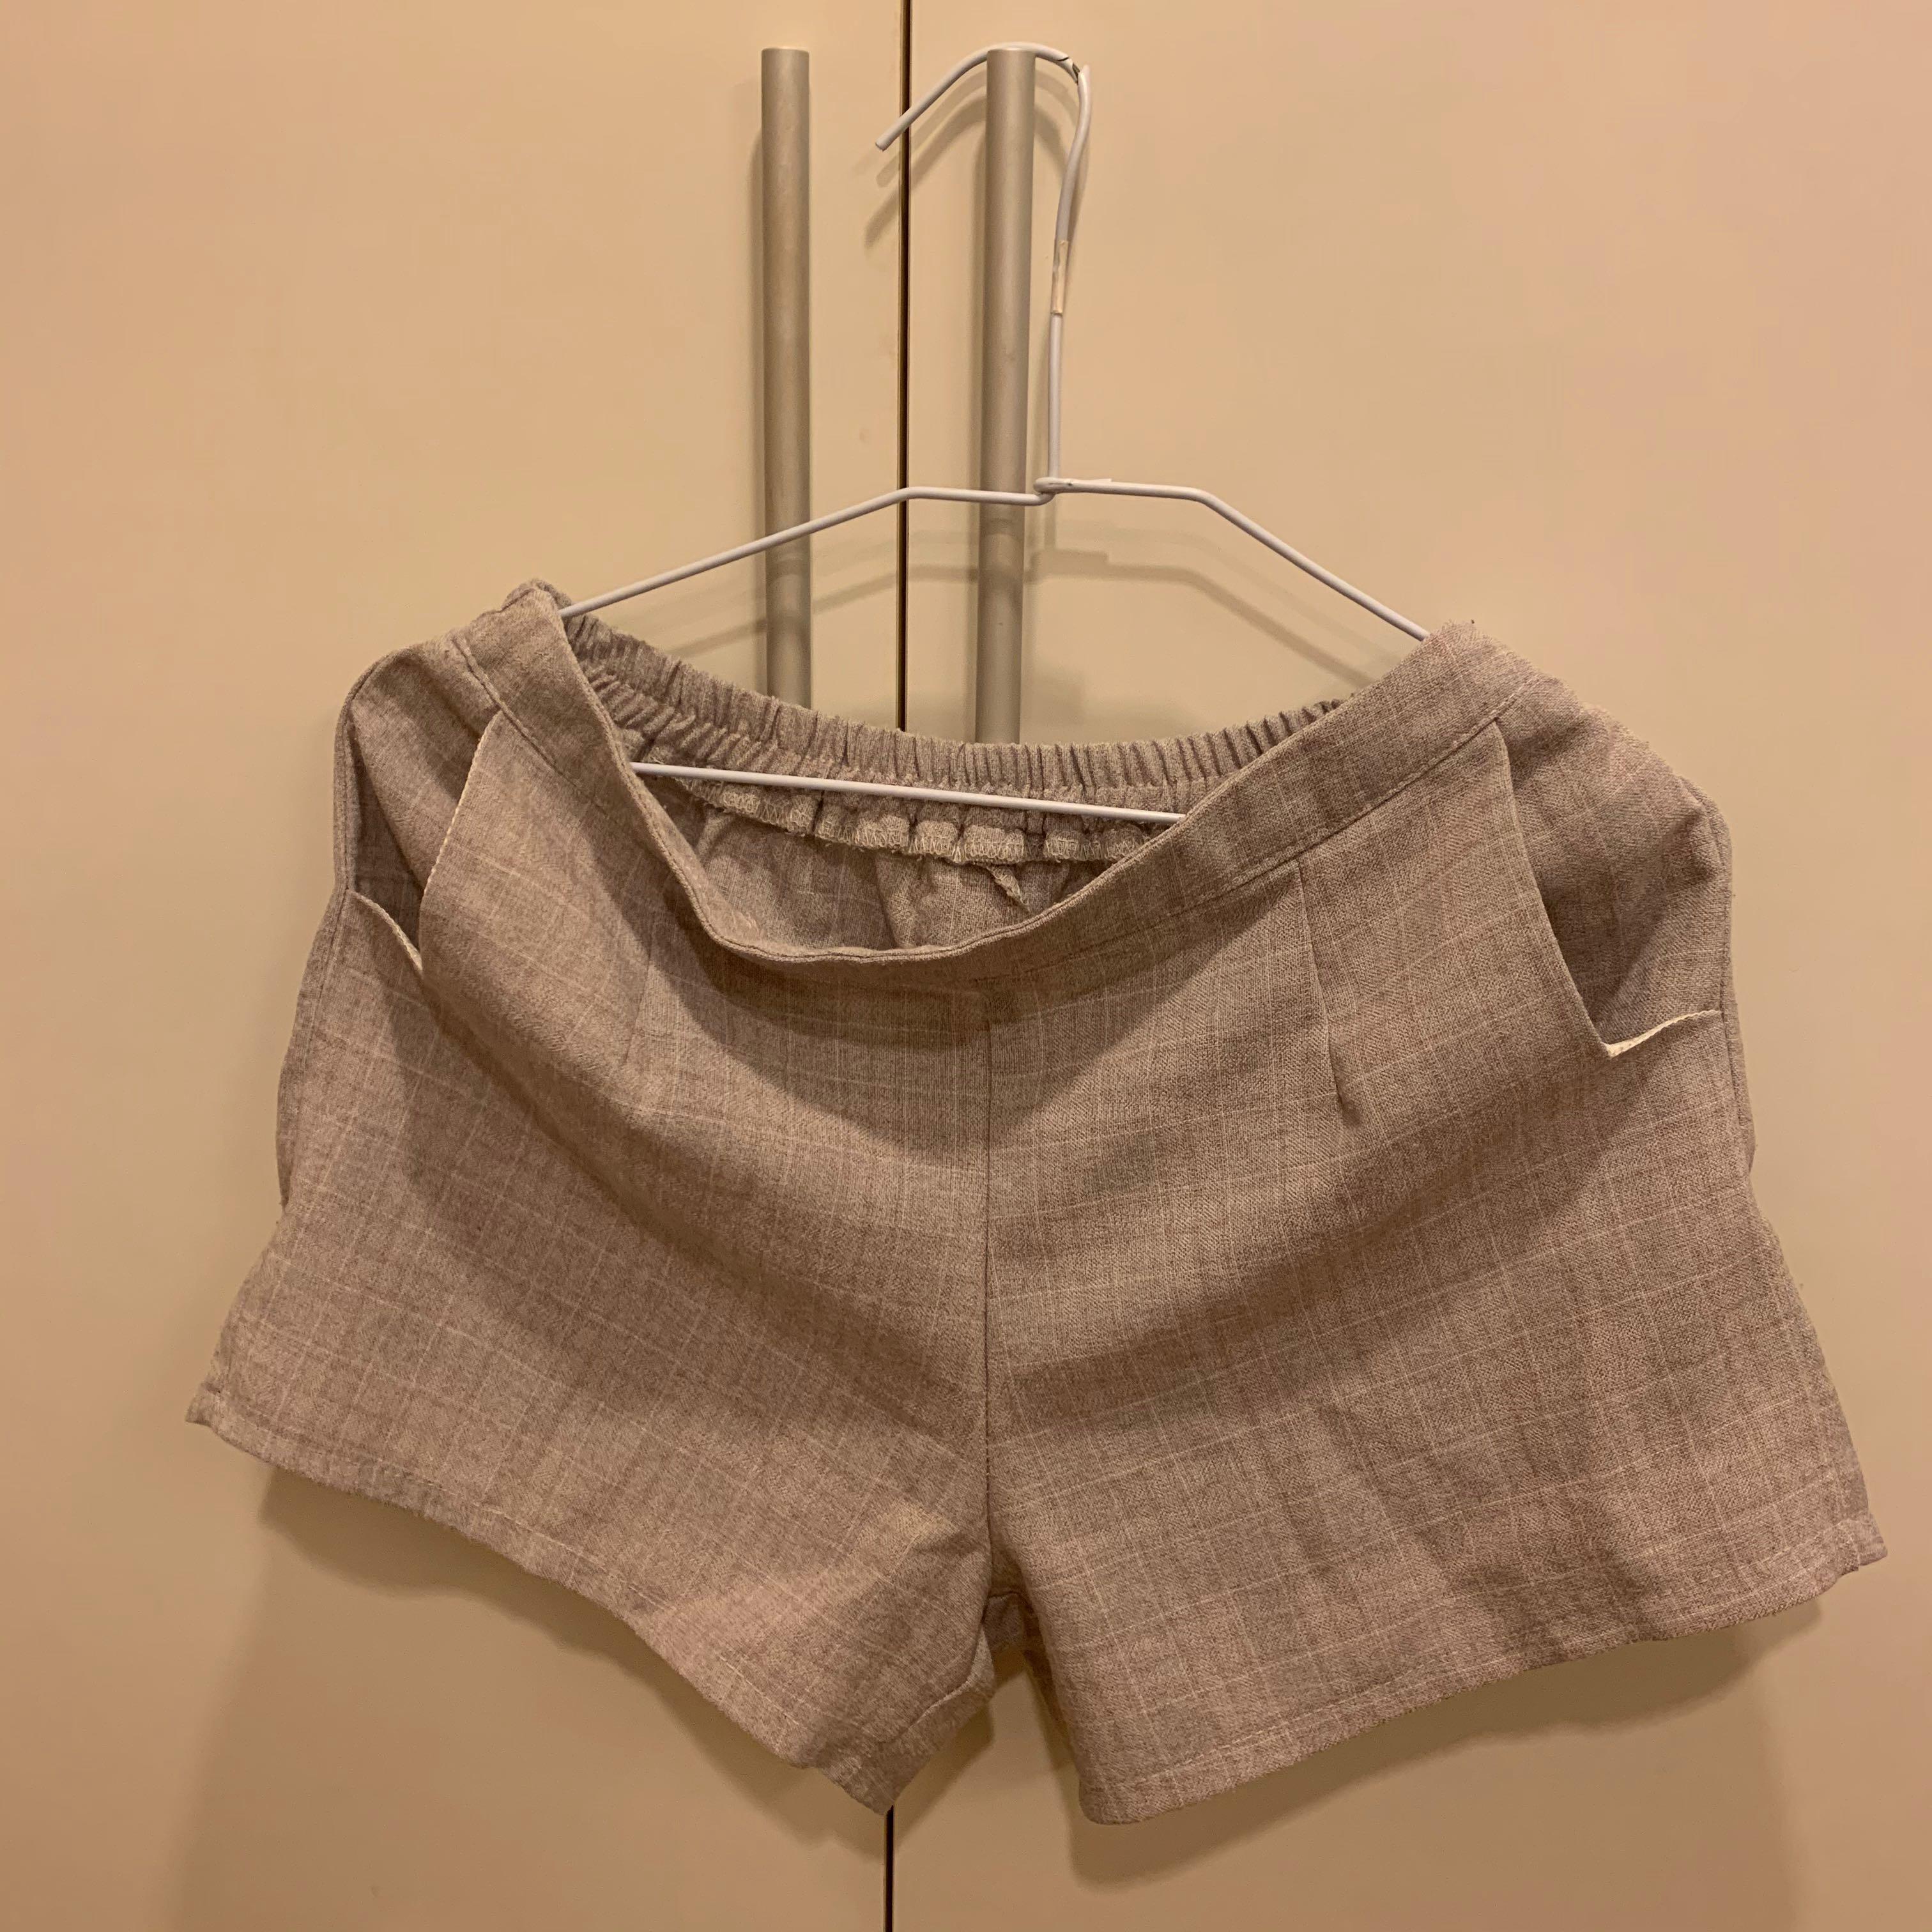 可正式也可休閒 CP值高的藕粉色細格紋短褲